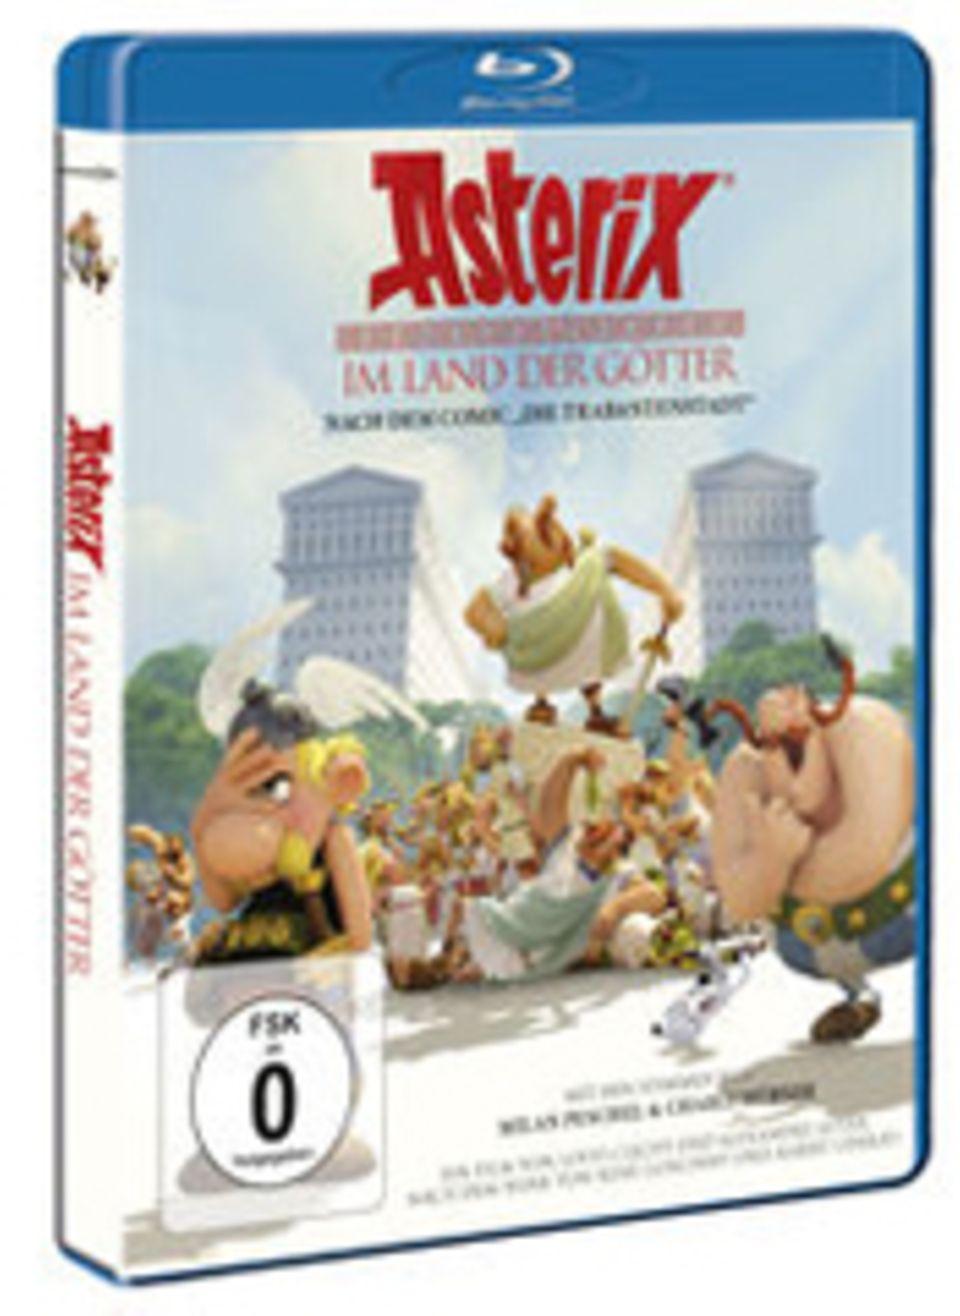 Film: Ab dem 21. August 2015 auf DVD und Blu-ray!